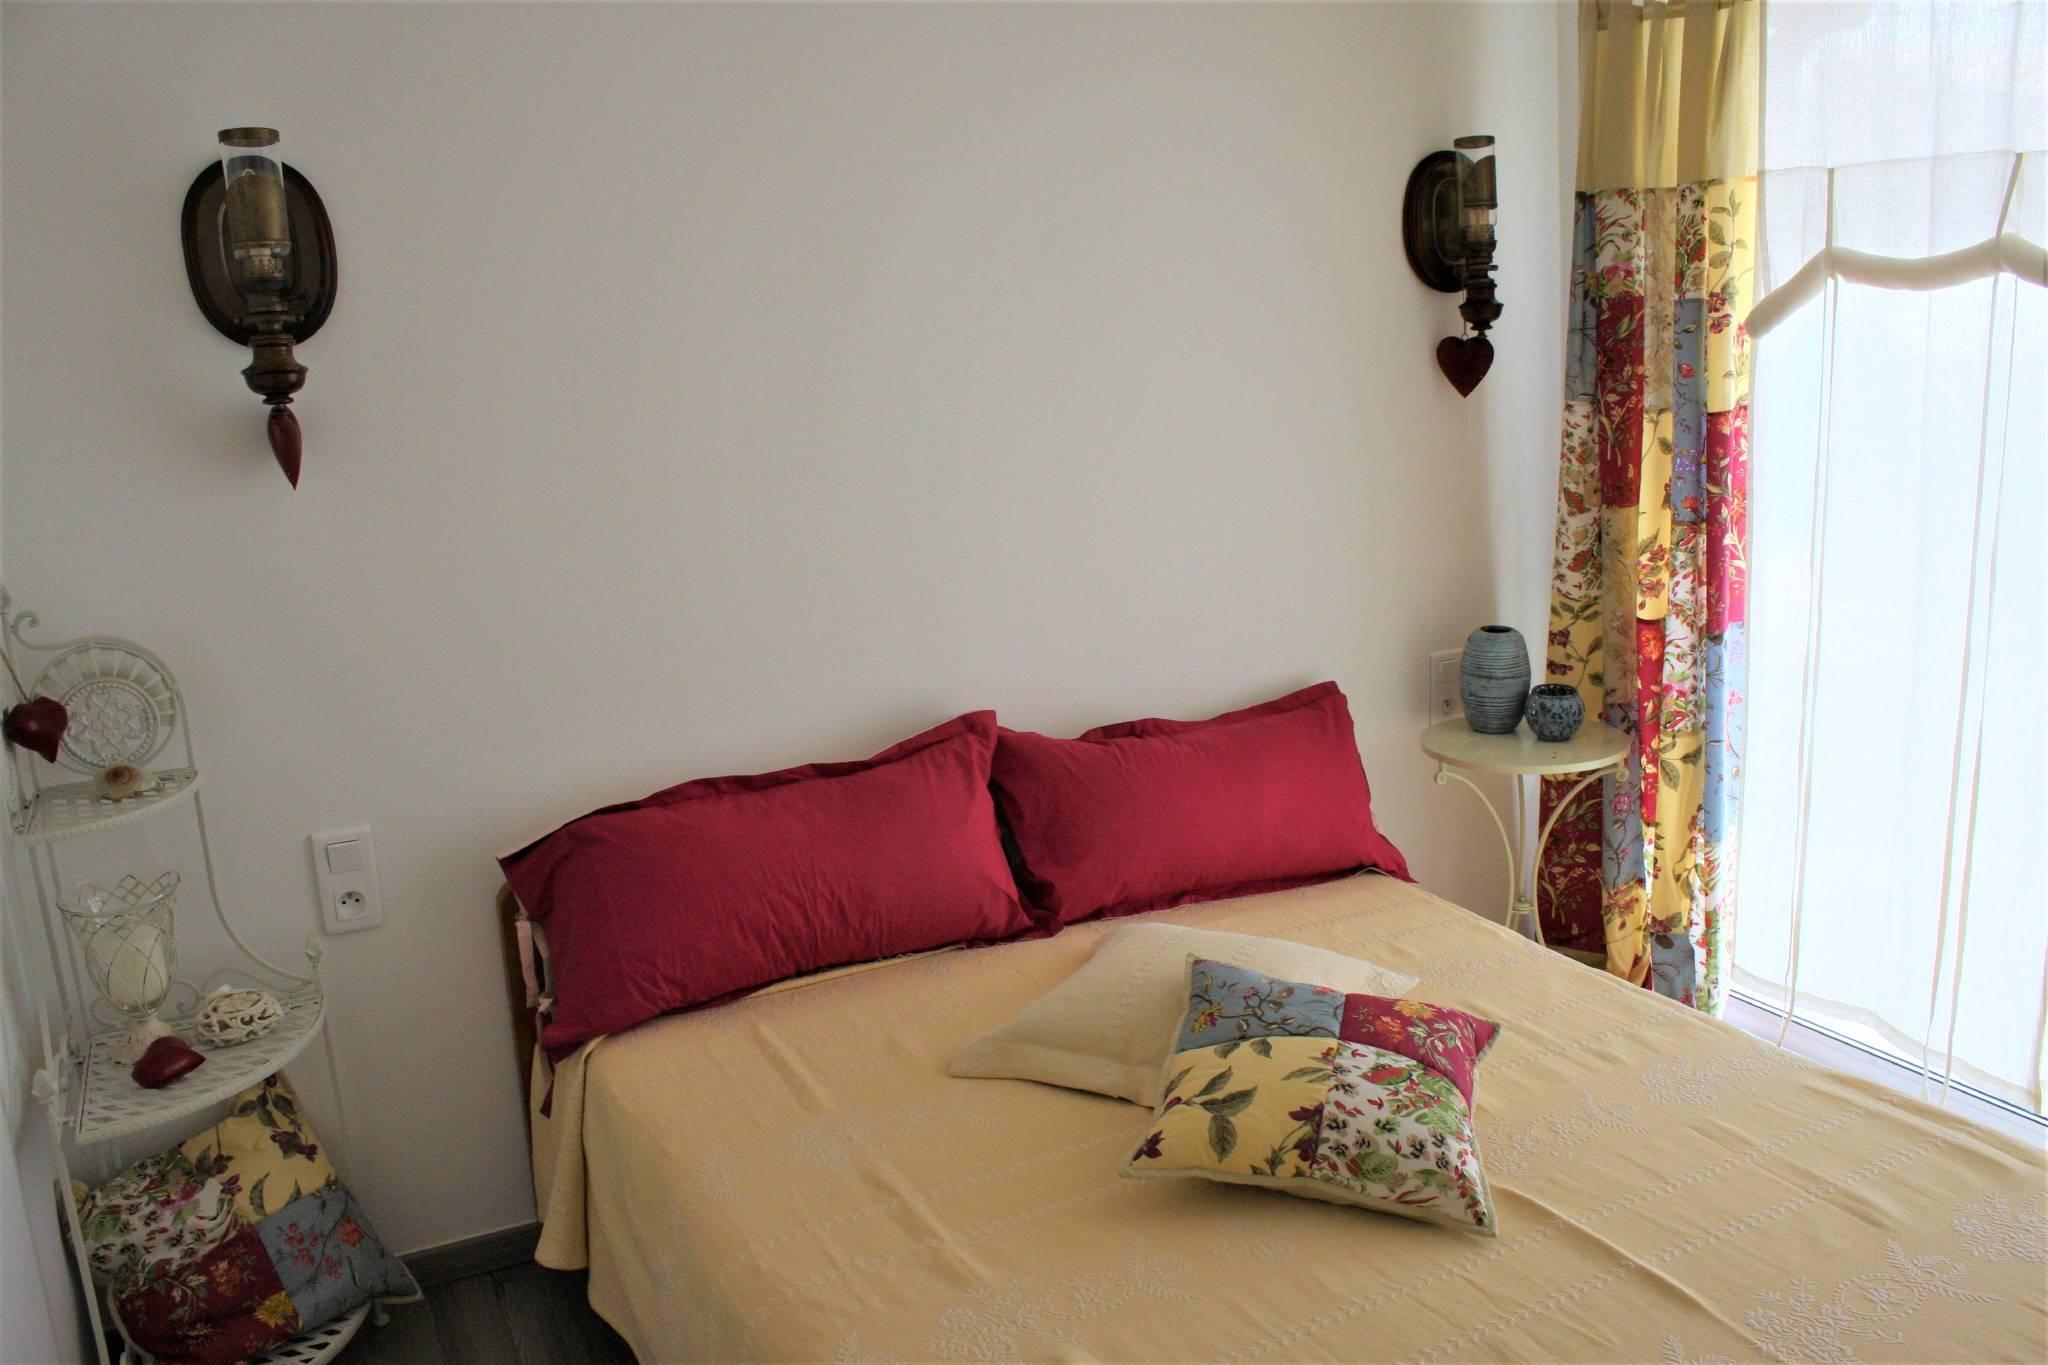 Schlafzimmer,Bettwäsche vorhanden